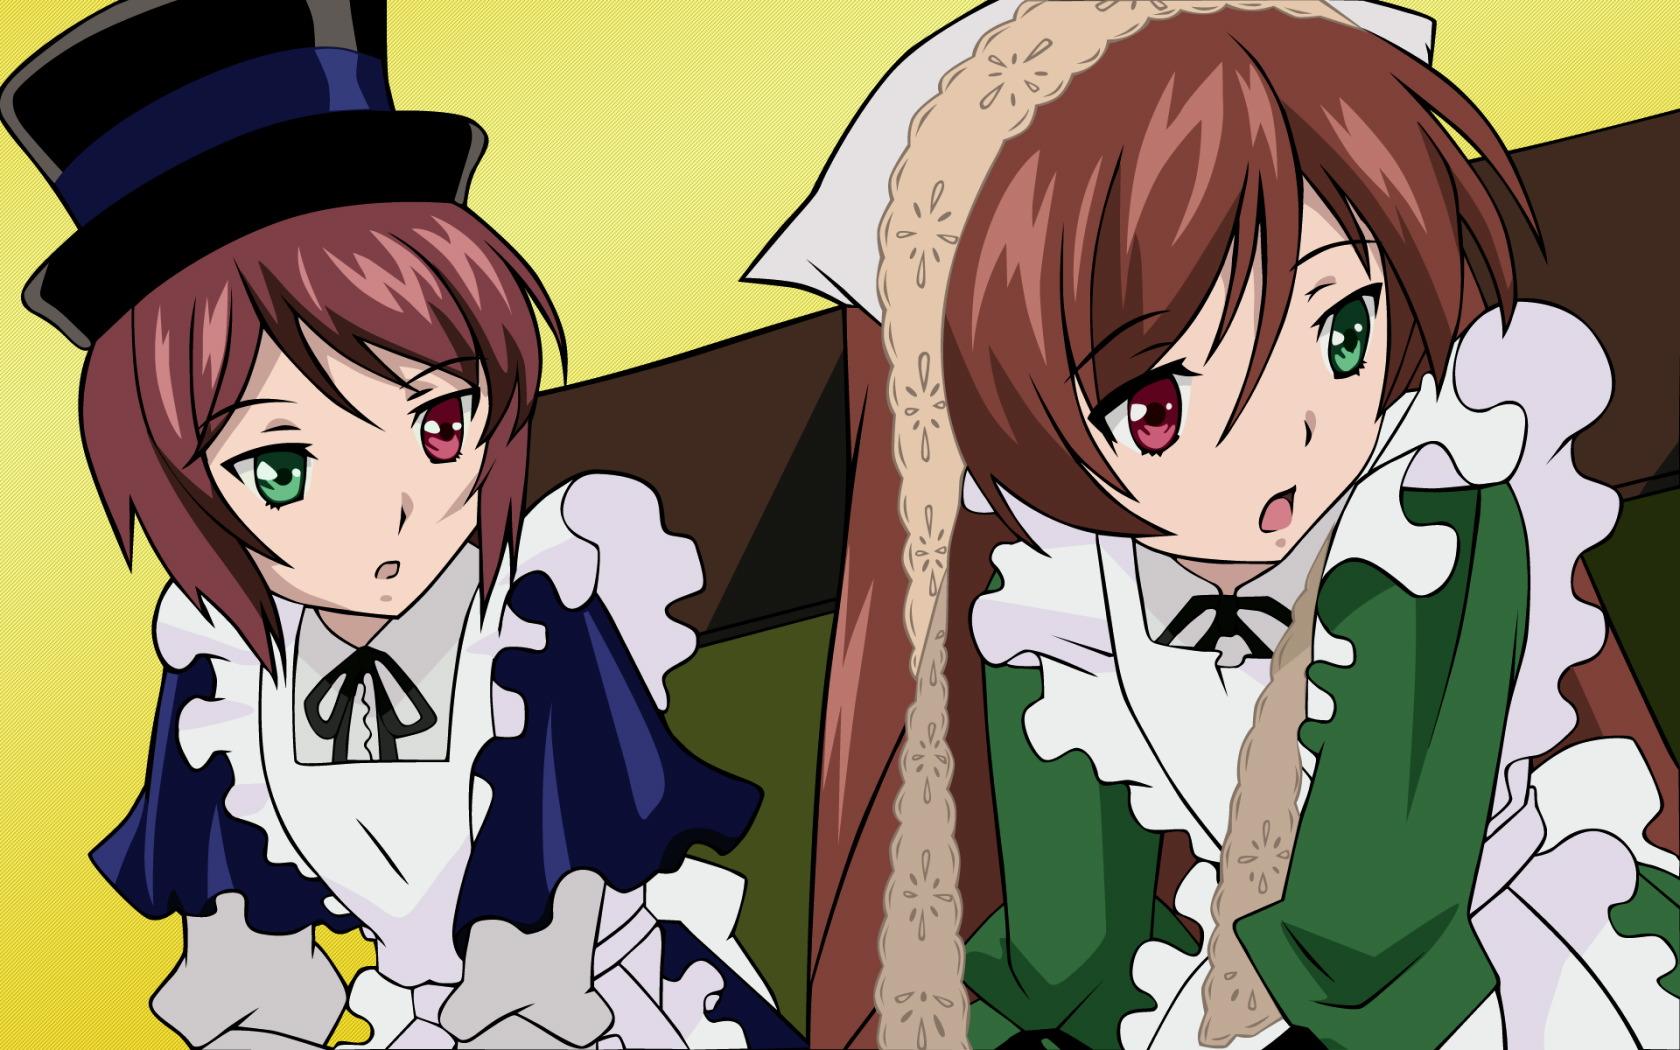 Konachan.com - 24212 bicolored_eyes doll rozen_maiden souseiseki suiseiseki